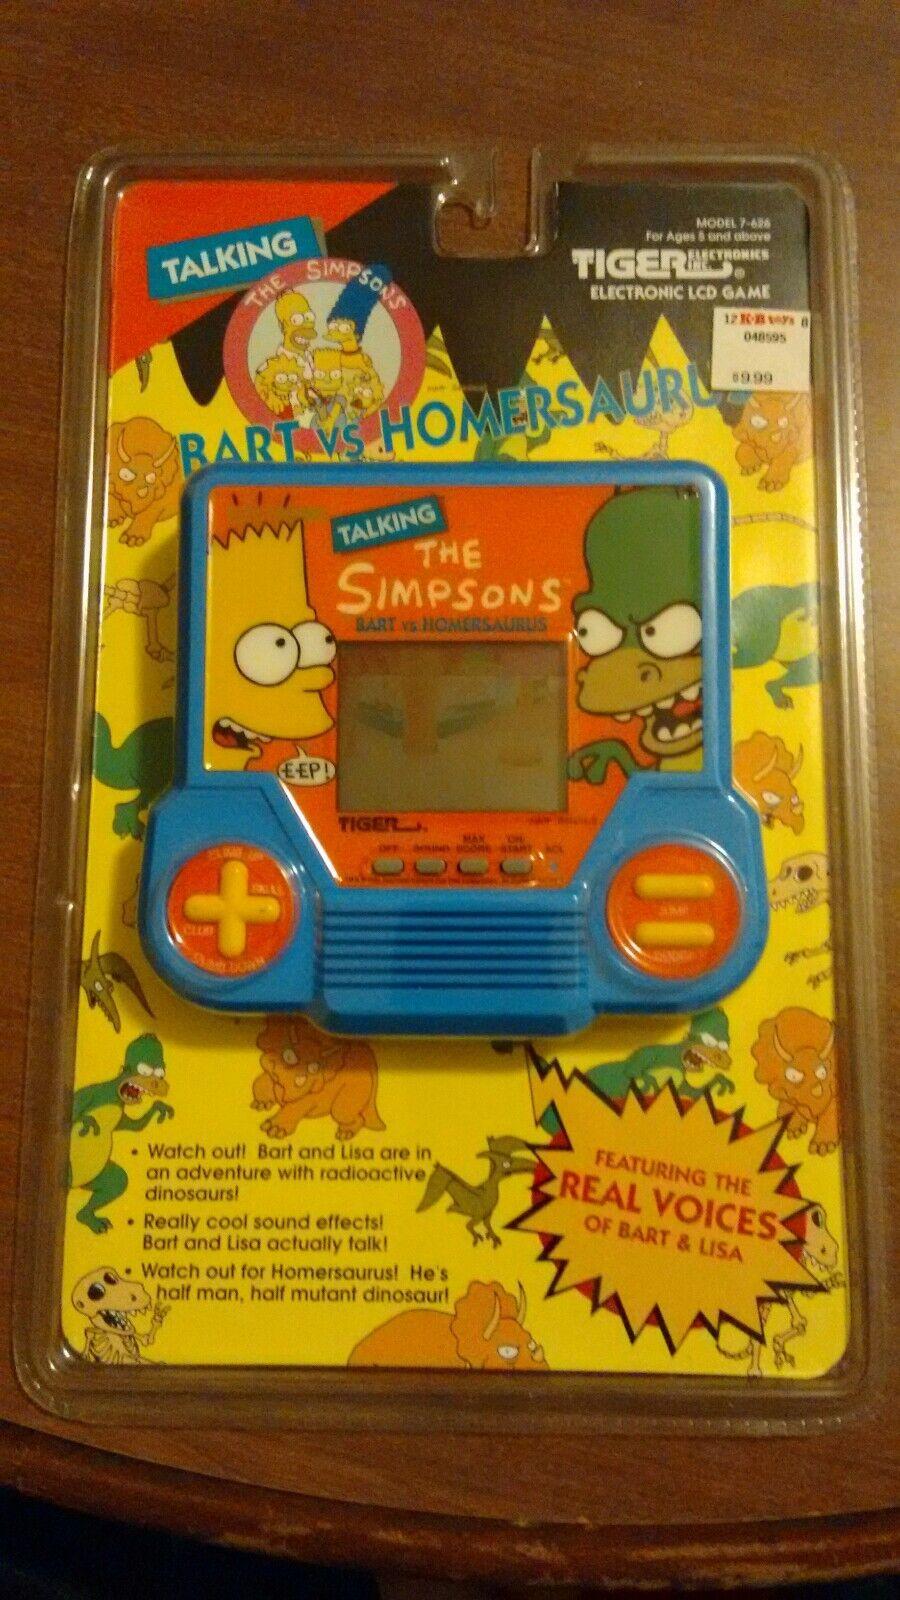 Simpsons - Bkonst mot Hemrsaurus Tiger som pratar elektroniskt spel LCD -årgång.